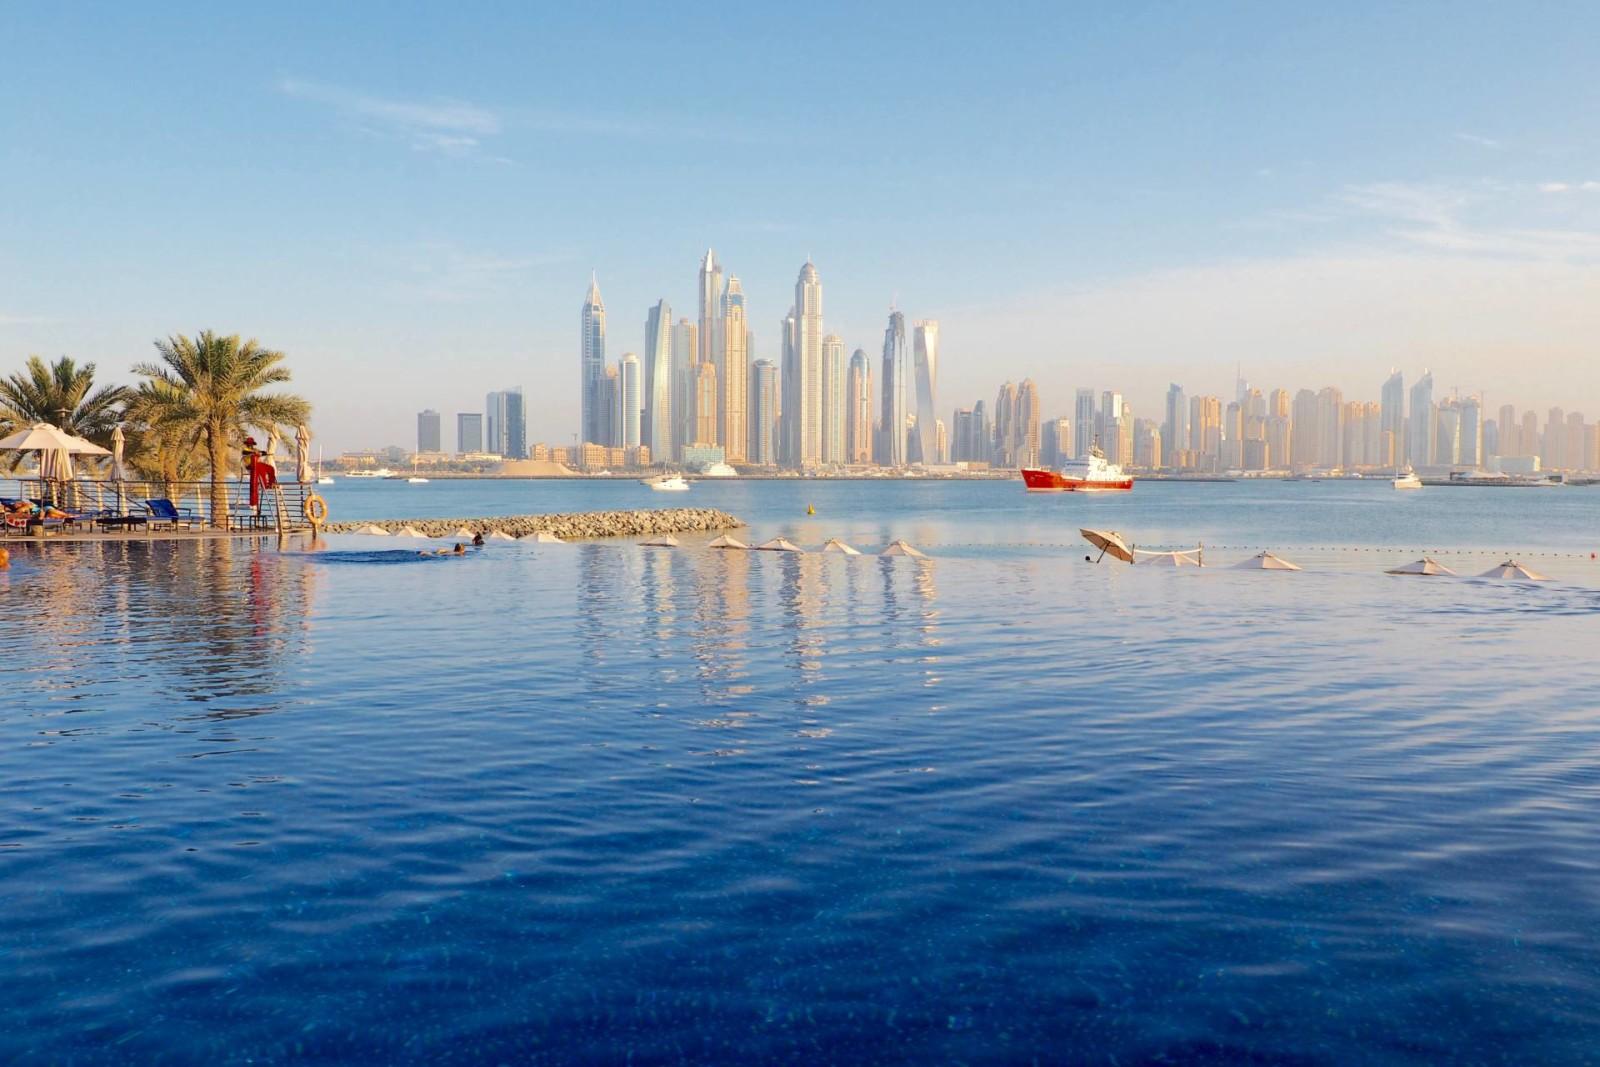 Những cung đường tuyệt đẹp ở Dubai chưa bao giờ là mất đi sức hút du lịch Dubai